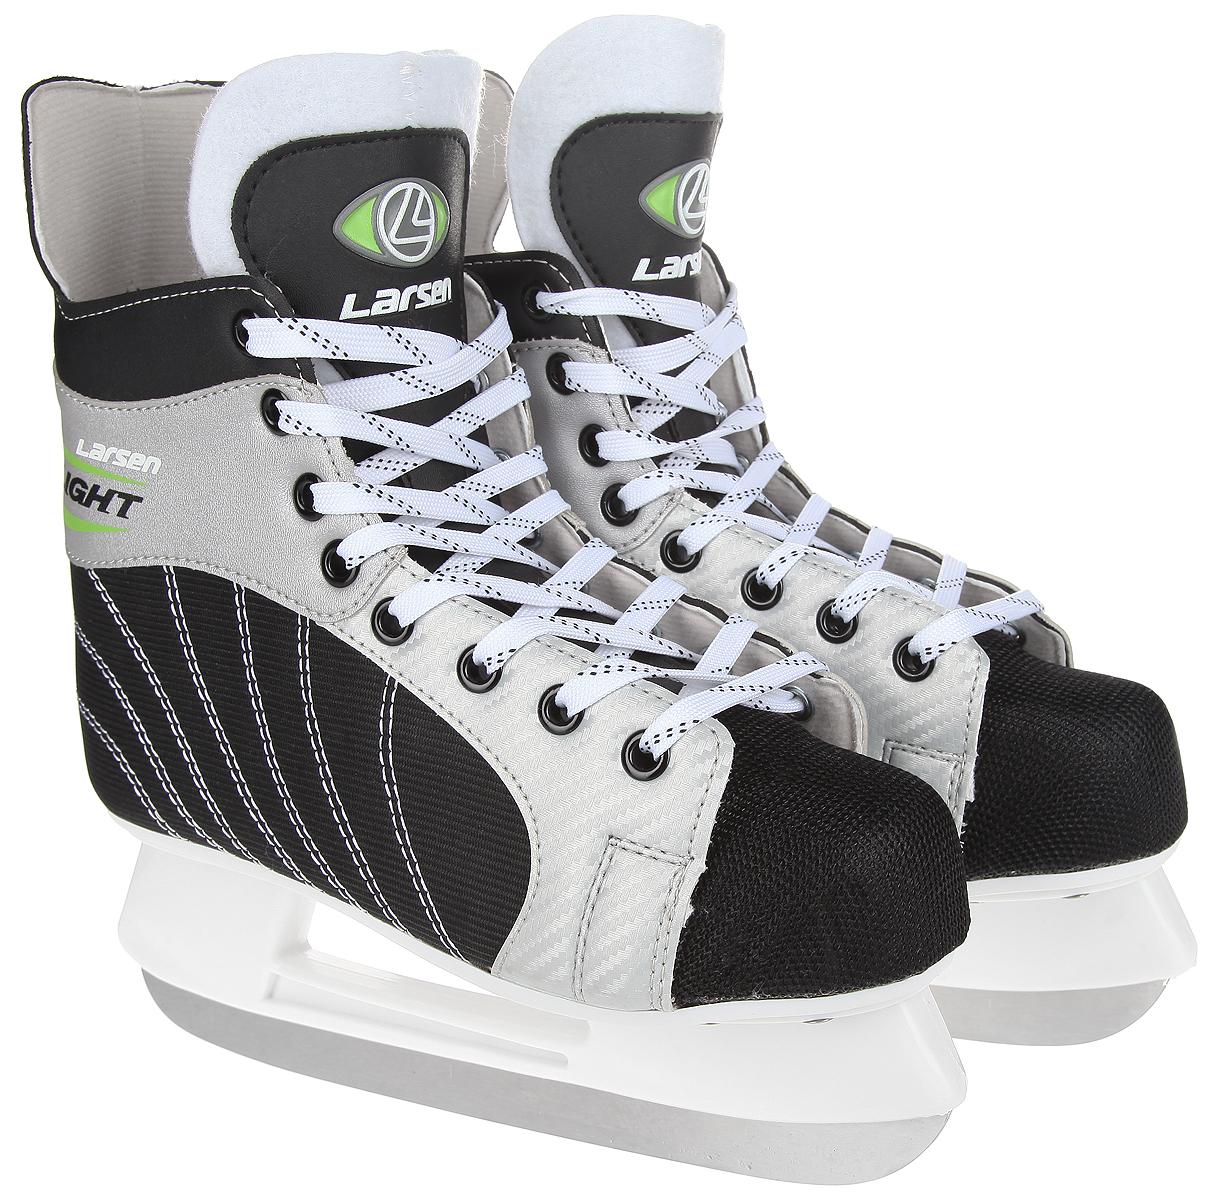 Коньки хоккейные мужские Larsen Light, цвет: черный, серебристый, белый. Размер 40LightСтильные коньки Light от Larsen прекрасно подойдут для начинающих игроков в хоккей. Ботиноквыполнен из нейлона со вставками из морозоустойчивого поливинилхлорида. Мыс выполнен изполипропилена, покрытого сетчатым нейлоном, который защитит ноги от ударов. Внутреннийслой изготовлен из материала Cambrelle, который обладает высокой гигроскопичностью ивоздухопроницаемостью, имеет высокую степень устойчивости к истиранию, приятен на ощупь,быстро высыхает. Язычок из войлока обеспечивает дополнительное тепло. Плотная шнуровканадежно фиксирует модель на ноге. Голеностоп имеет удобный суппорт. Стелька из EVA стекстильной поверхностью обеспечит комфортное катание. Стойка выполнена изударопрочного пластика. Лезвие из нержавеющей стали обеспечит превосходное скольжение.В комплект входят пластиковые чехлы для лезвия. Рекомендуемая температураиспользования: до -20°C.